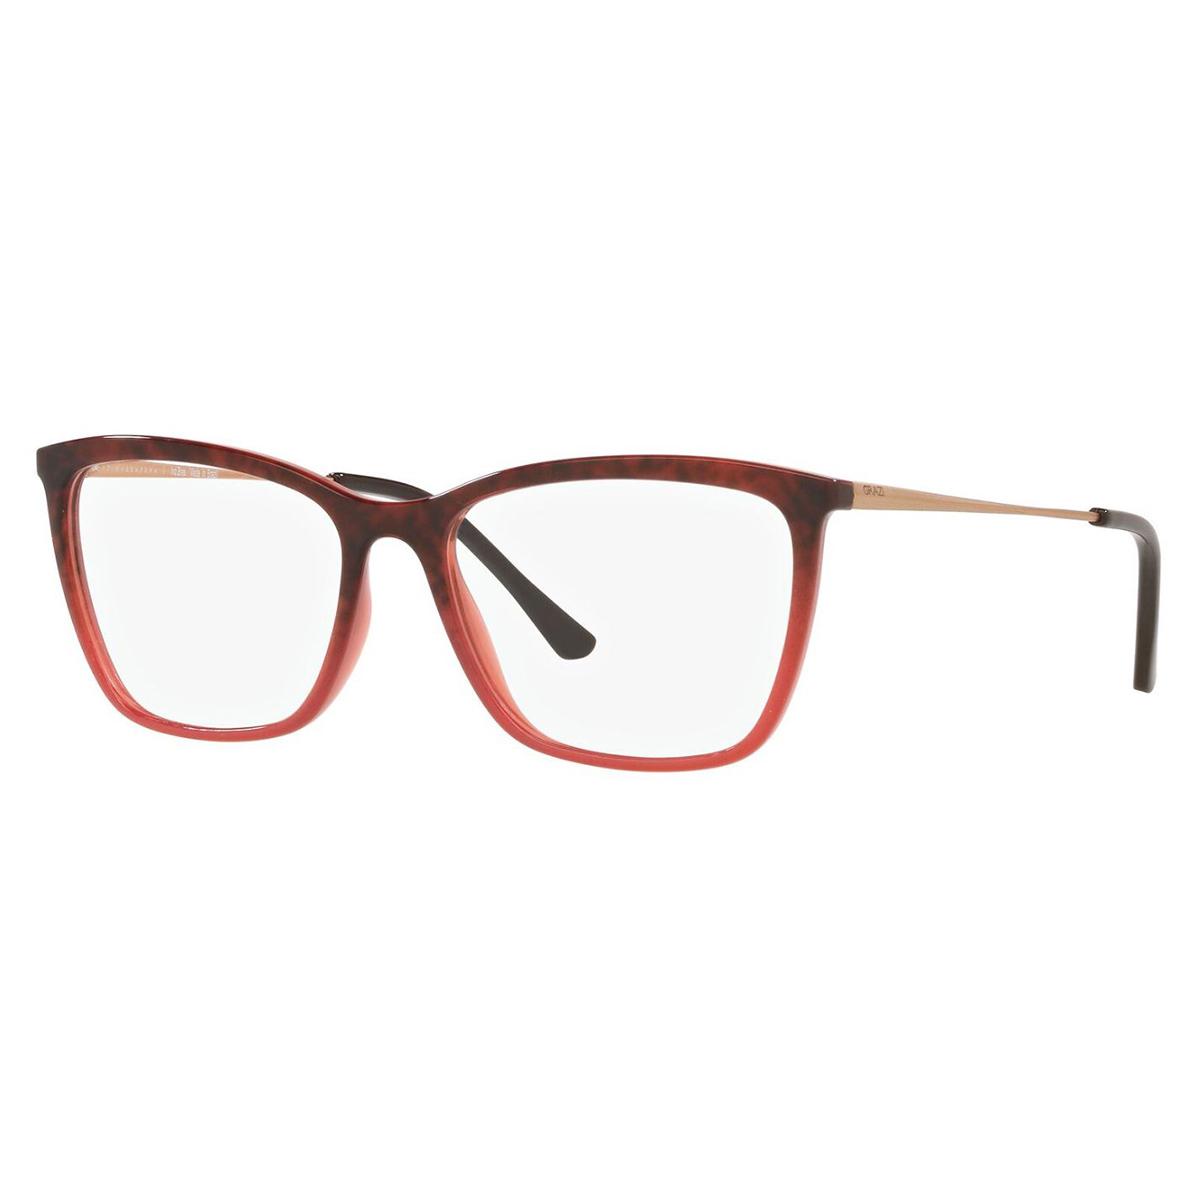 Óculos de Grau Feminino Grazi GZ3087 Vermelho Borgonha e Marrom